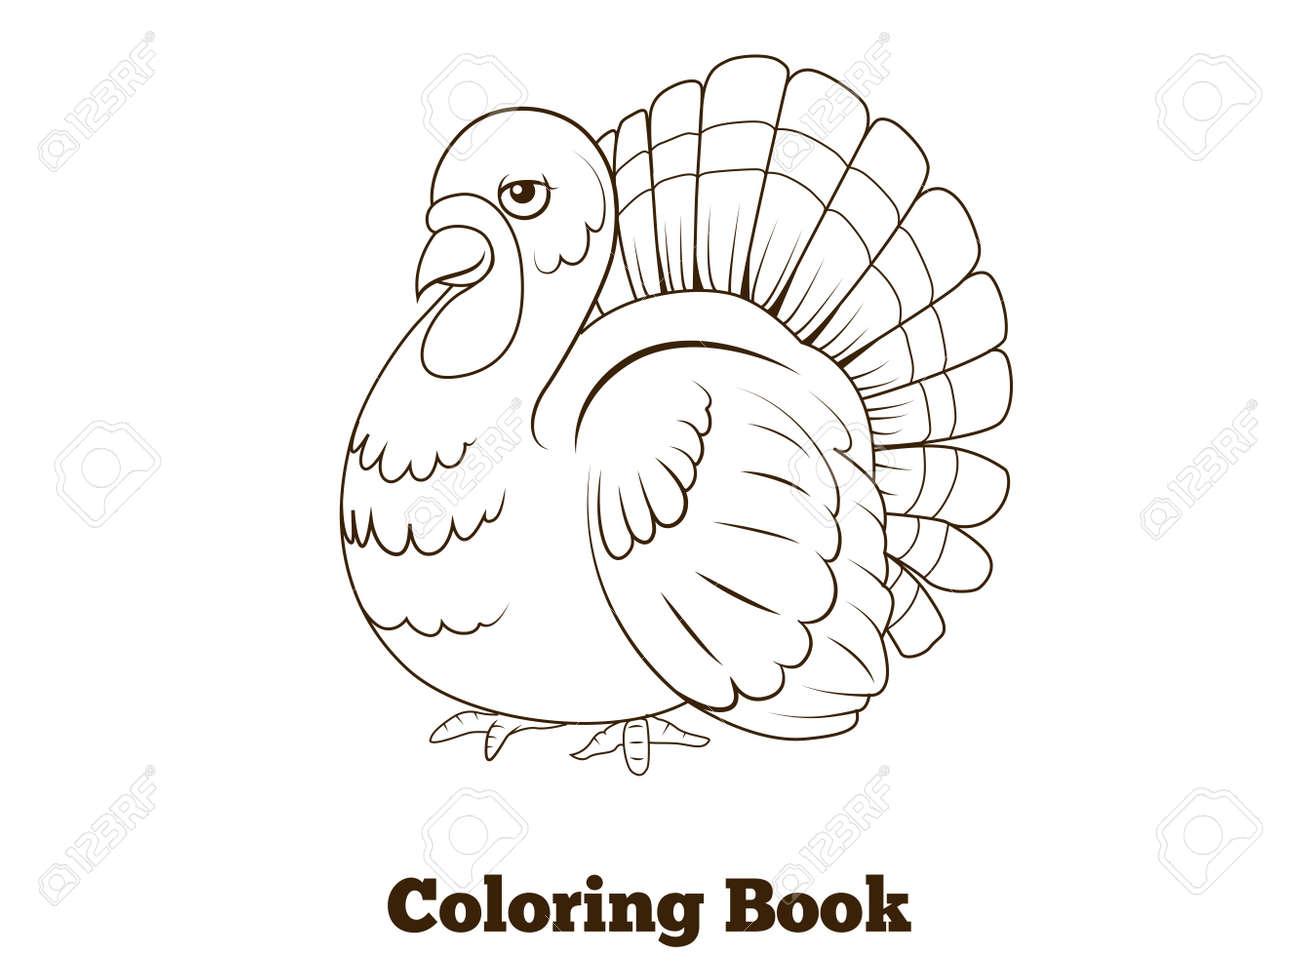 Increíble Colorear Cena De Pavo Ideas - Dibujos Para Colorear En ...